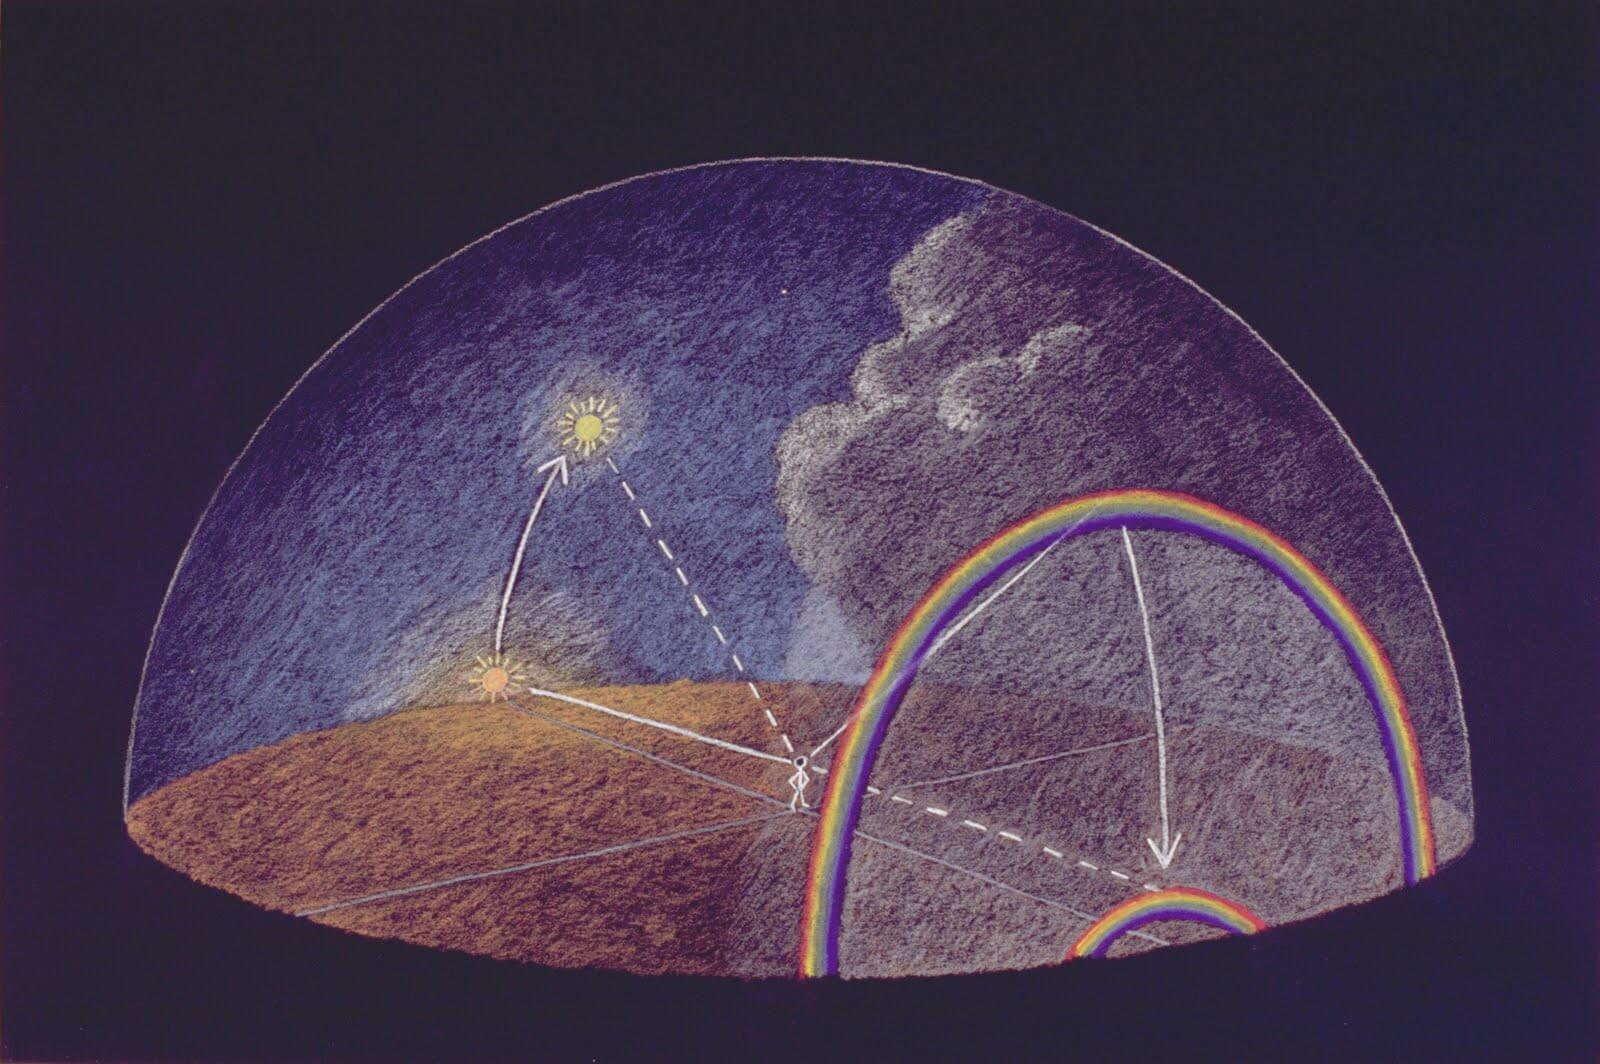 موقعیت خورشید و رنگین کمان